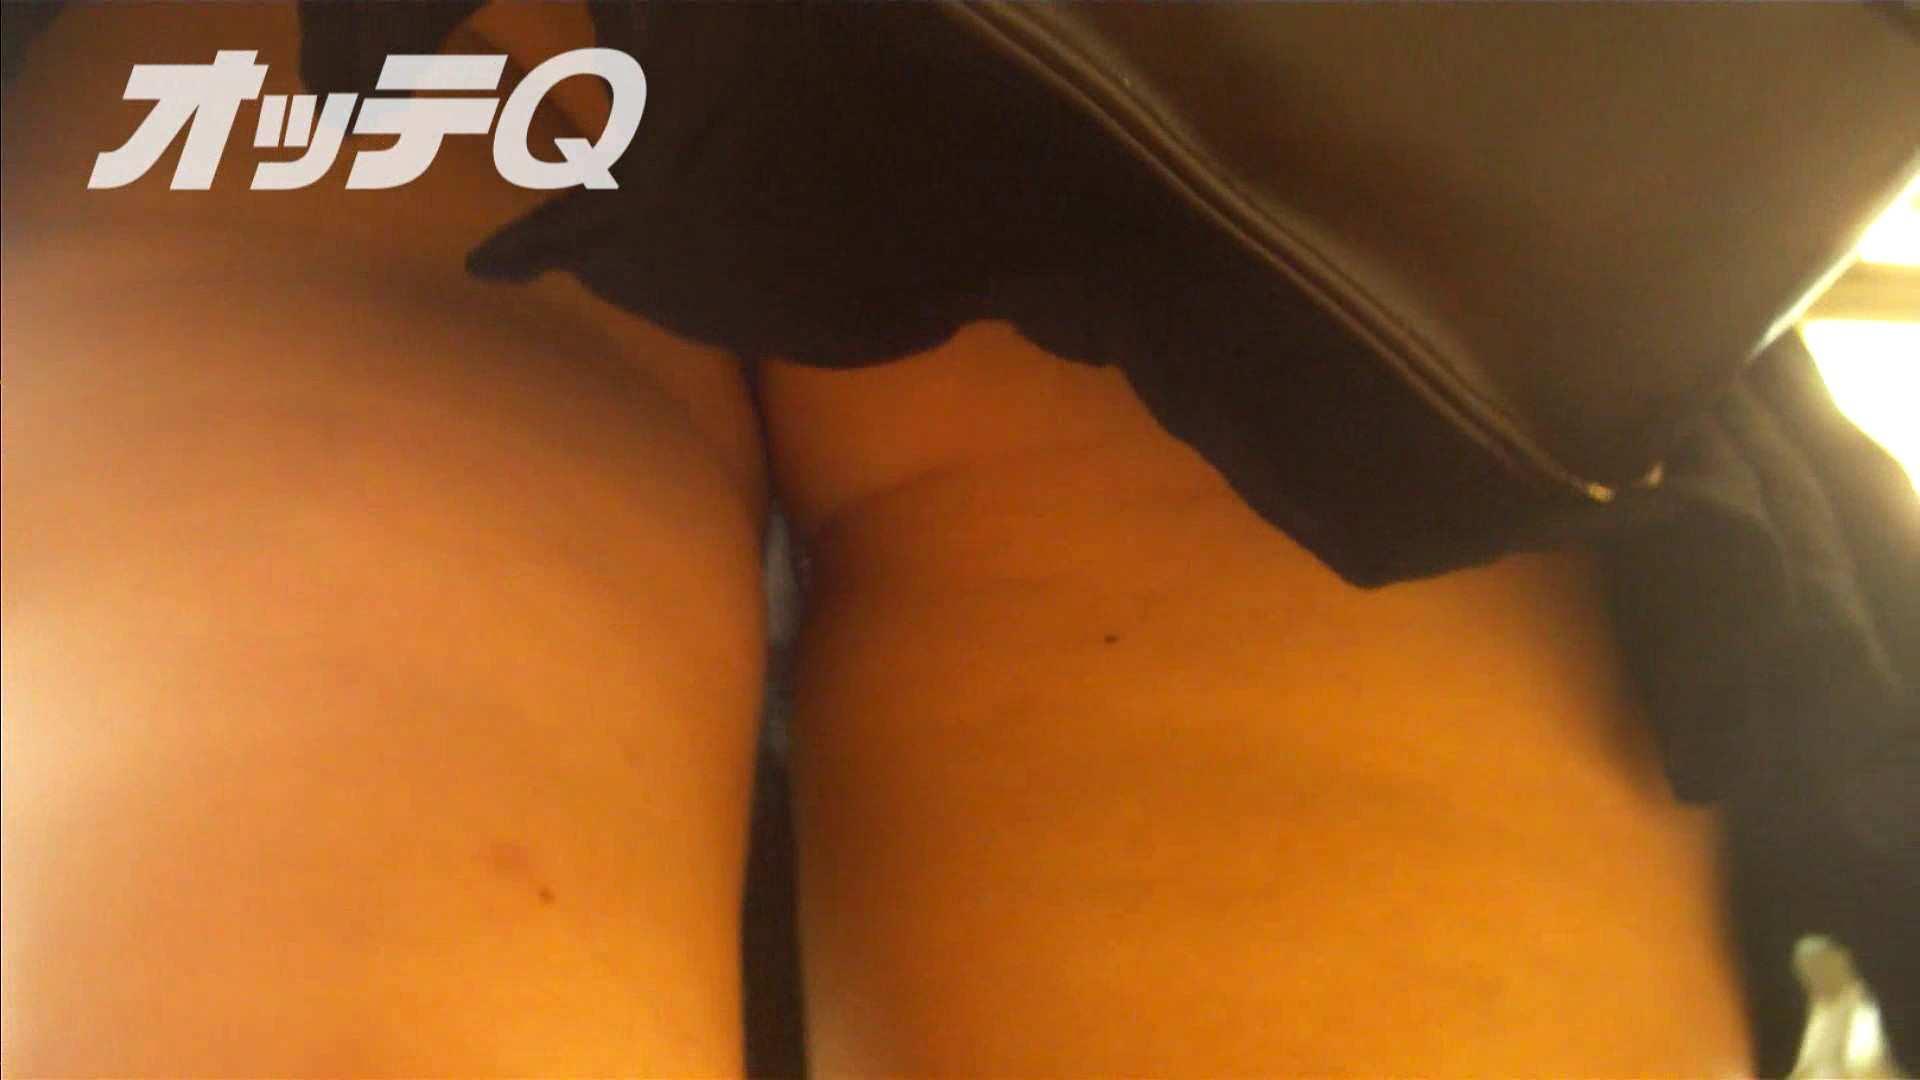 ハイビジョンパンチラ オッテQさんの追跡パンチラデパート編VOL.04 パンツ | ギャル・コレクション  42連発 26